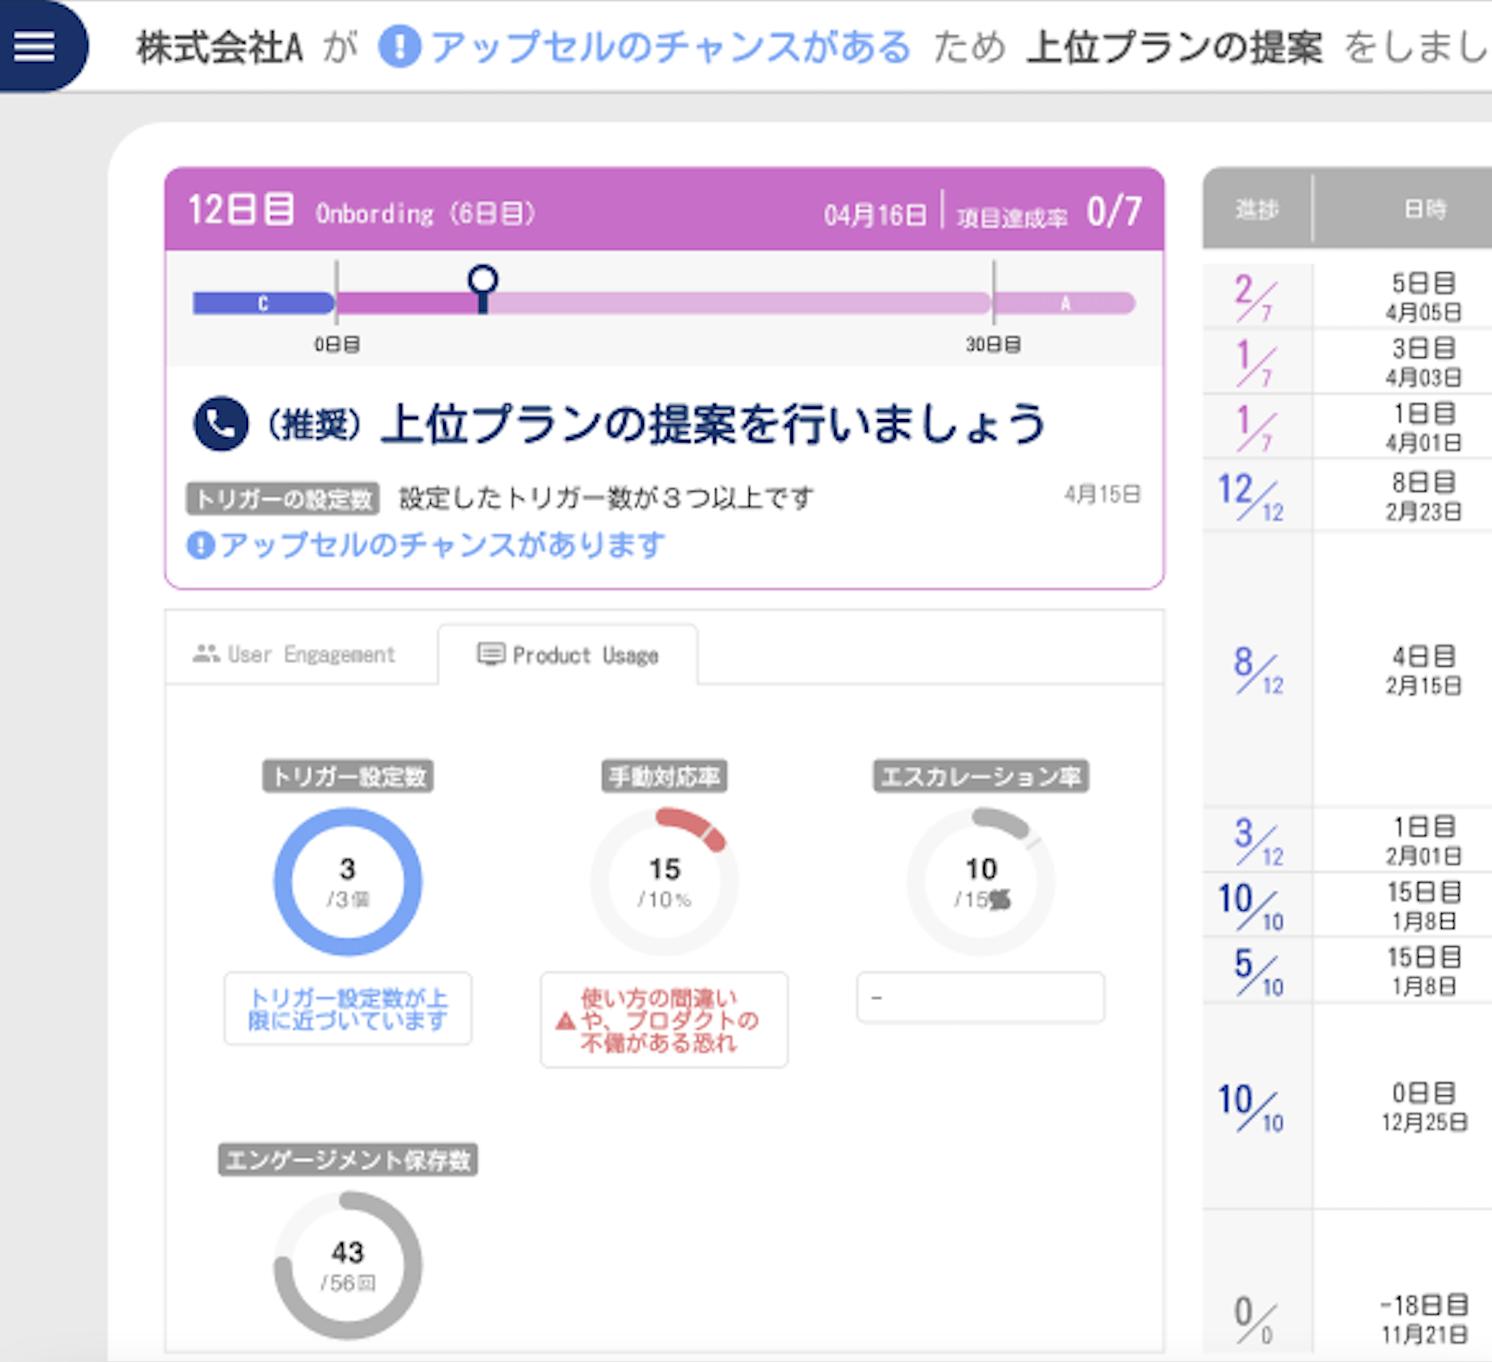 スクリーンショット 2021-08-11 0.17.27